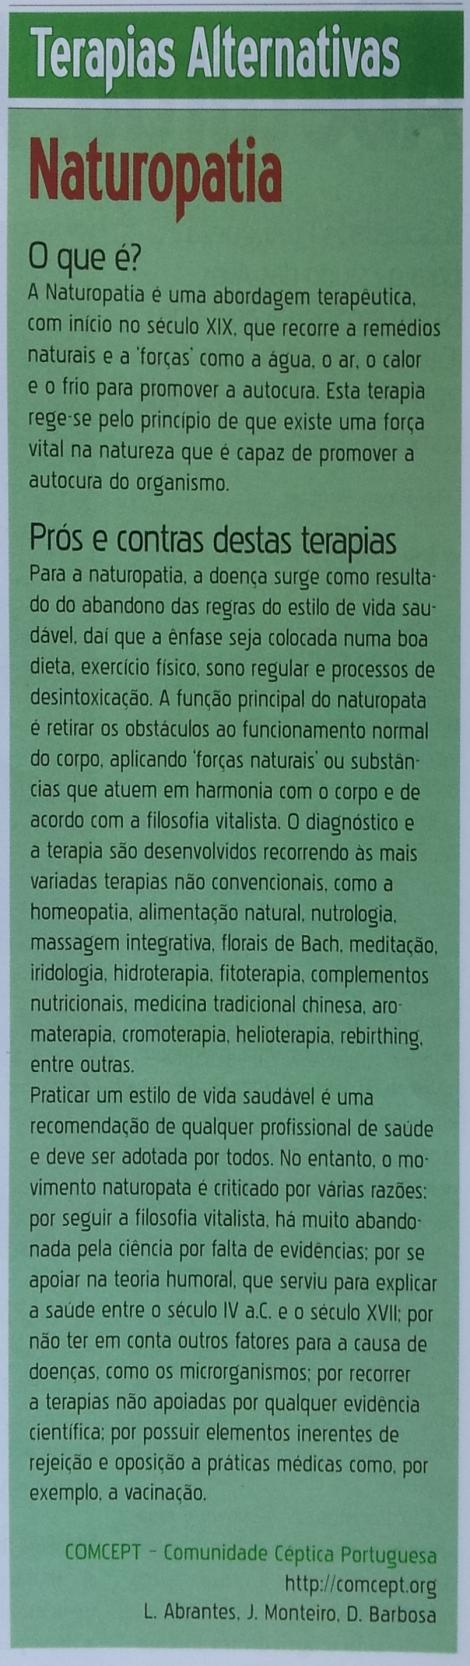 Naturopatia - Algarve Vivo